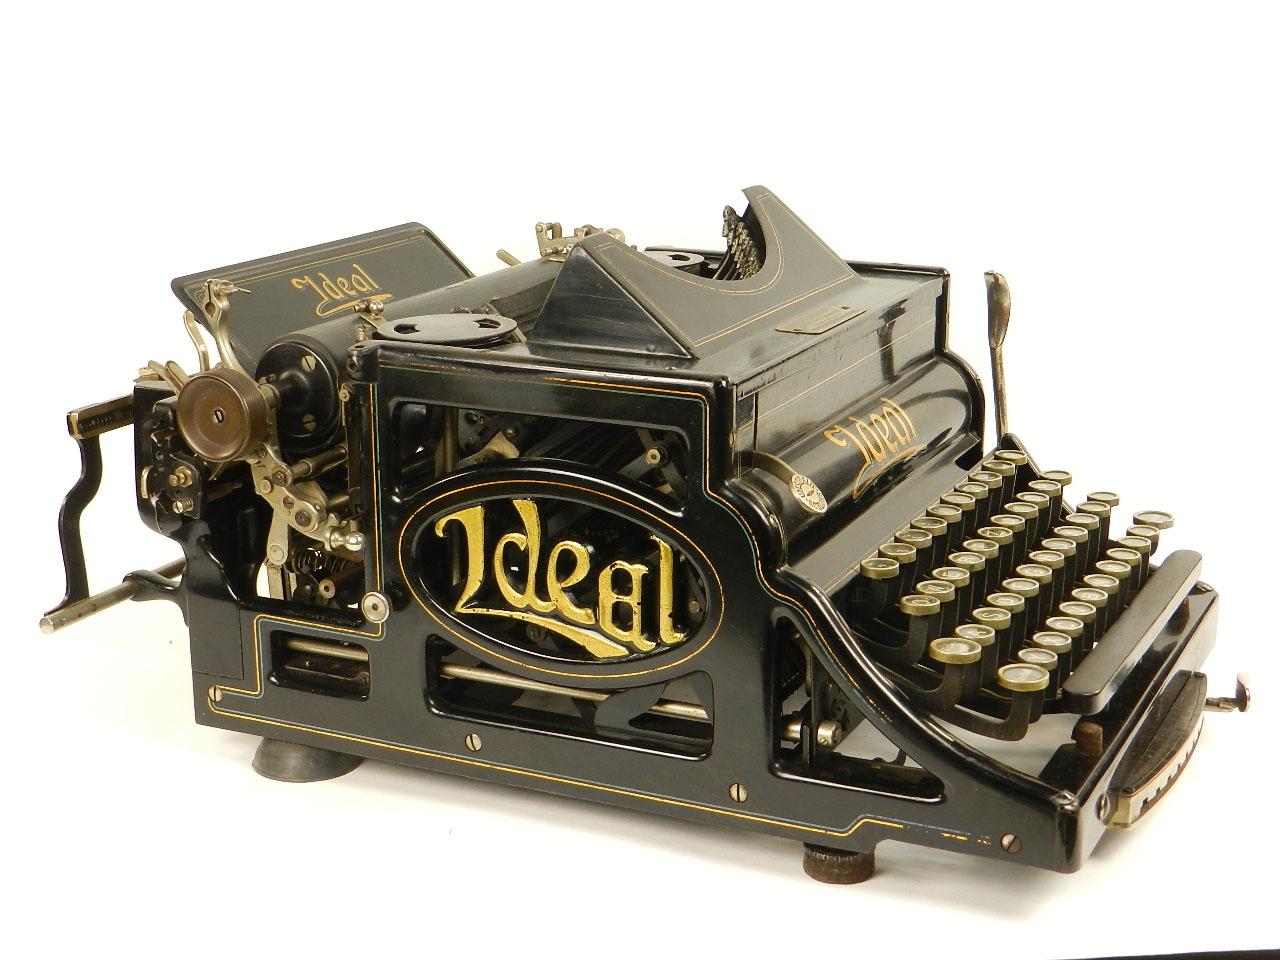 Imagen IDEAL A2 AÑO 1903 SEIDEL & NAUMANN 25943